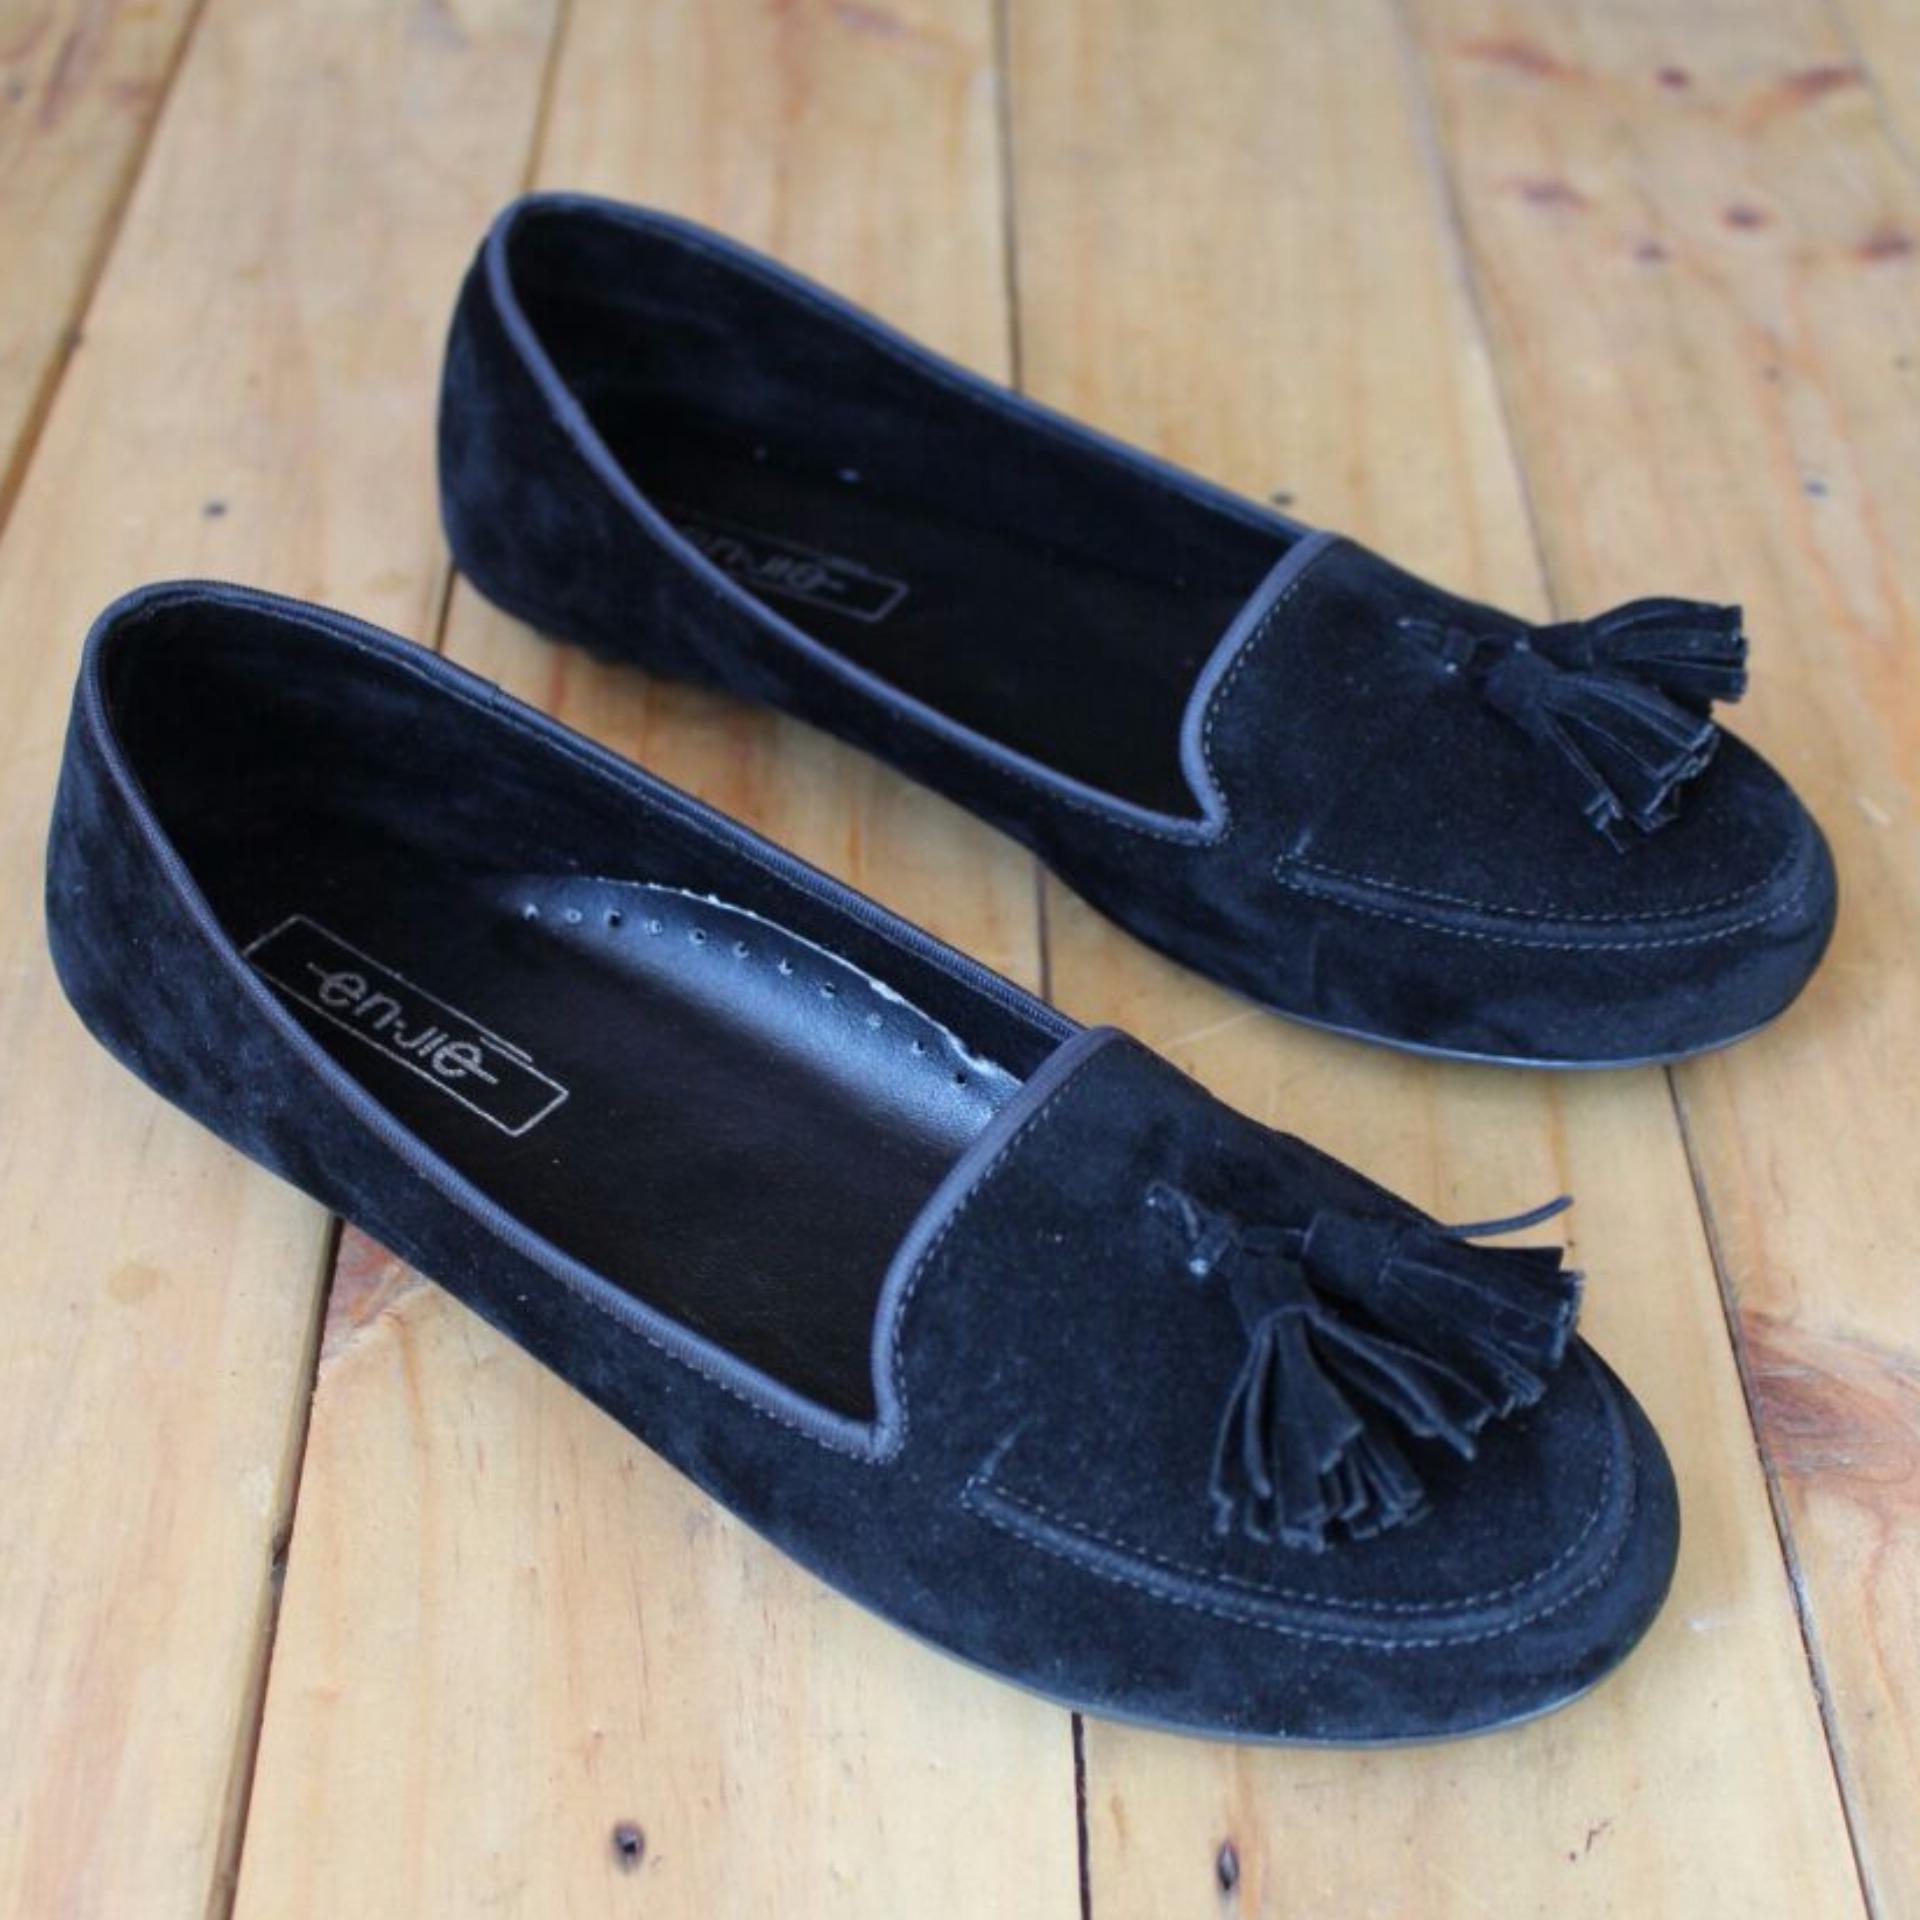 Spek Harga Kelincimadu Laser Slip Flatshoes Black Dan Kelebihan Source · En Jie Flatshoes BL06 Black